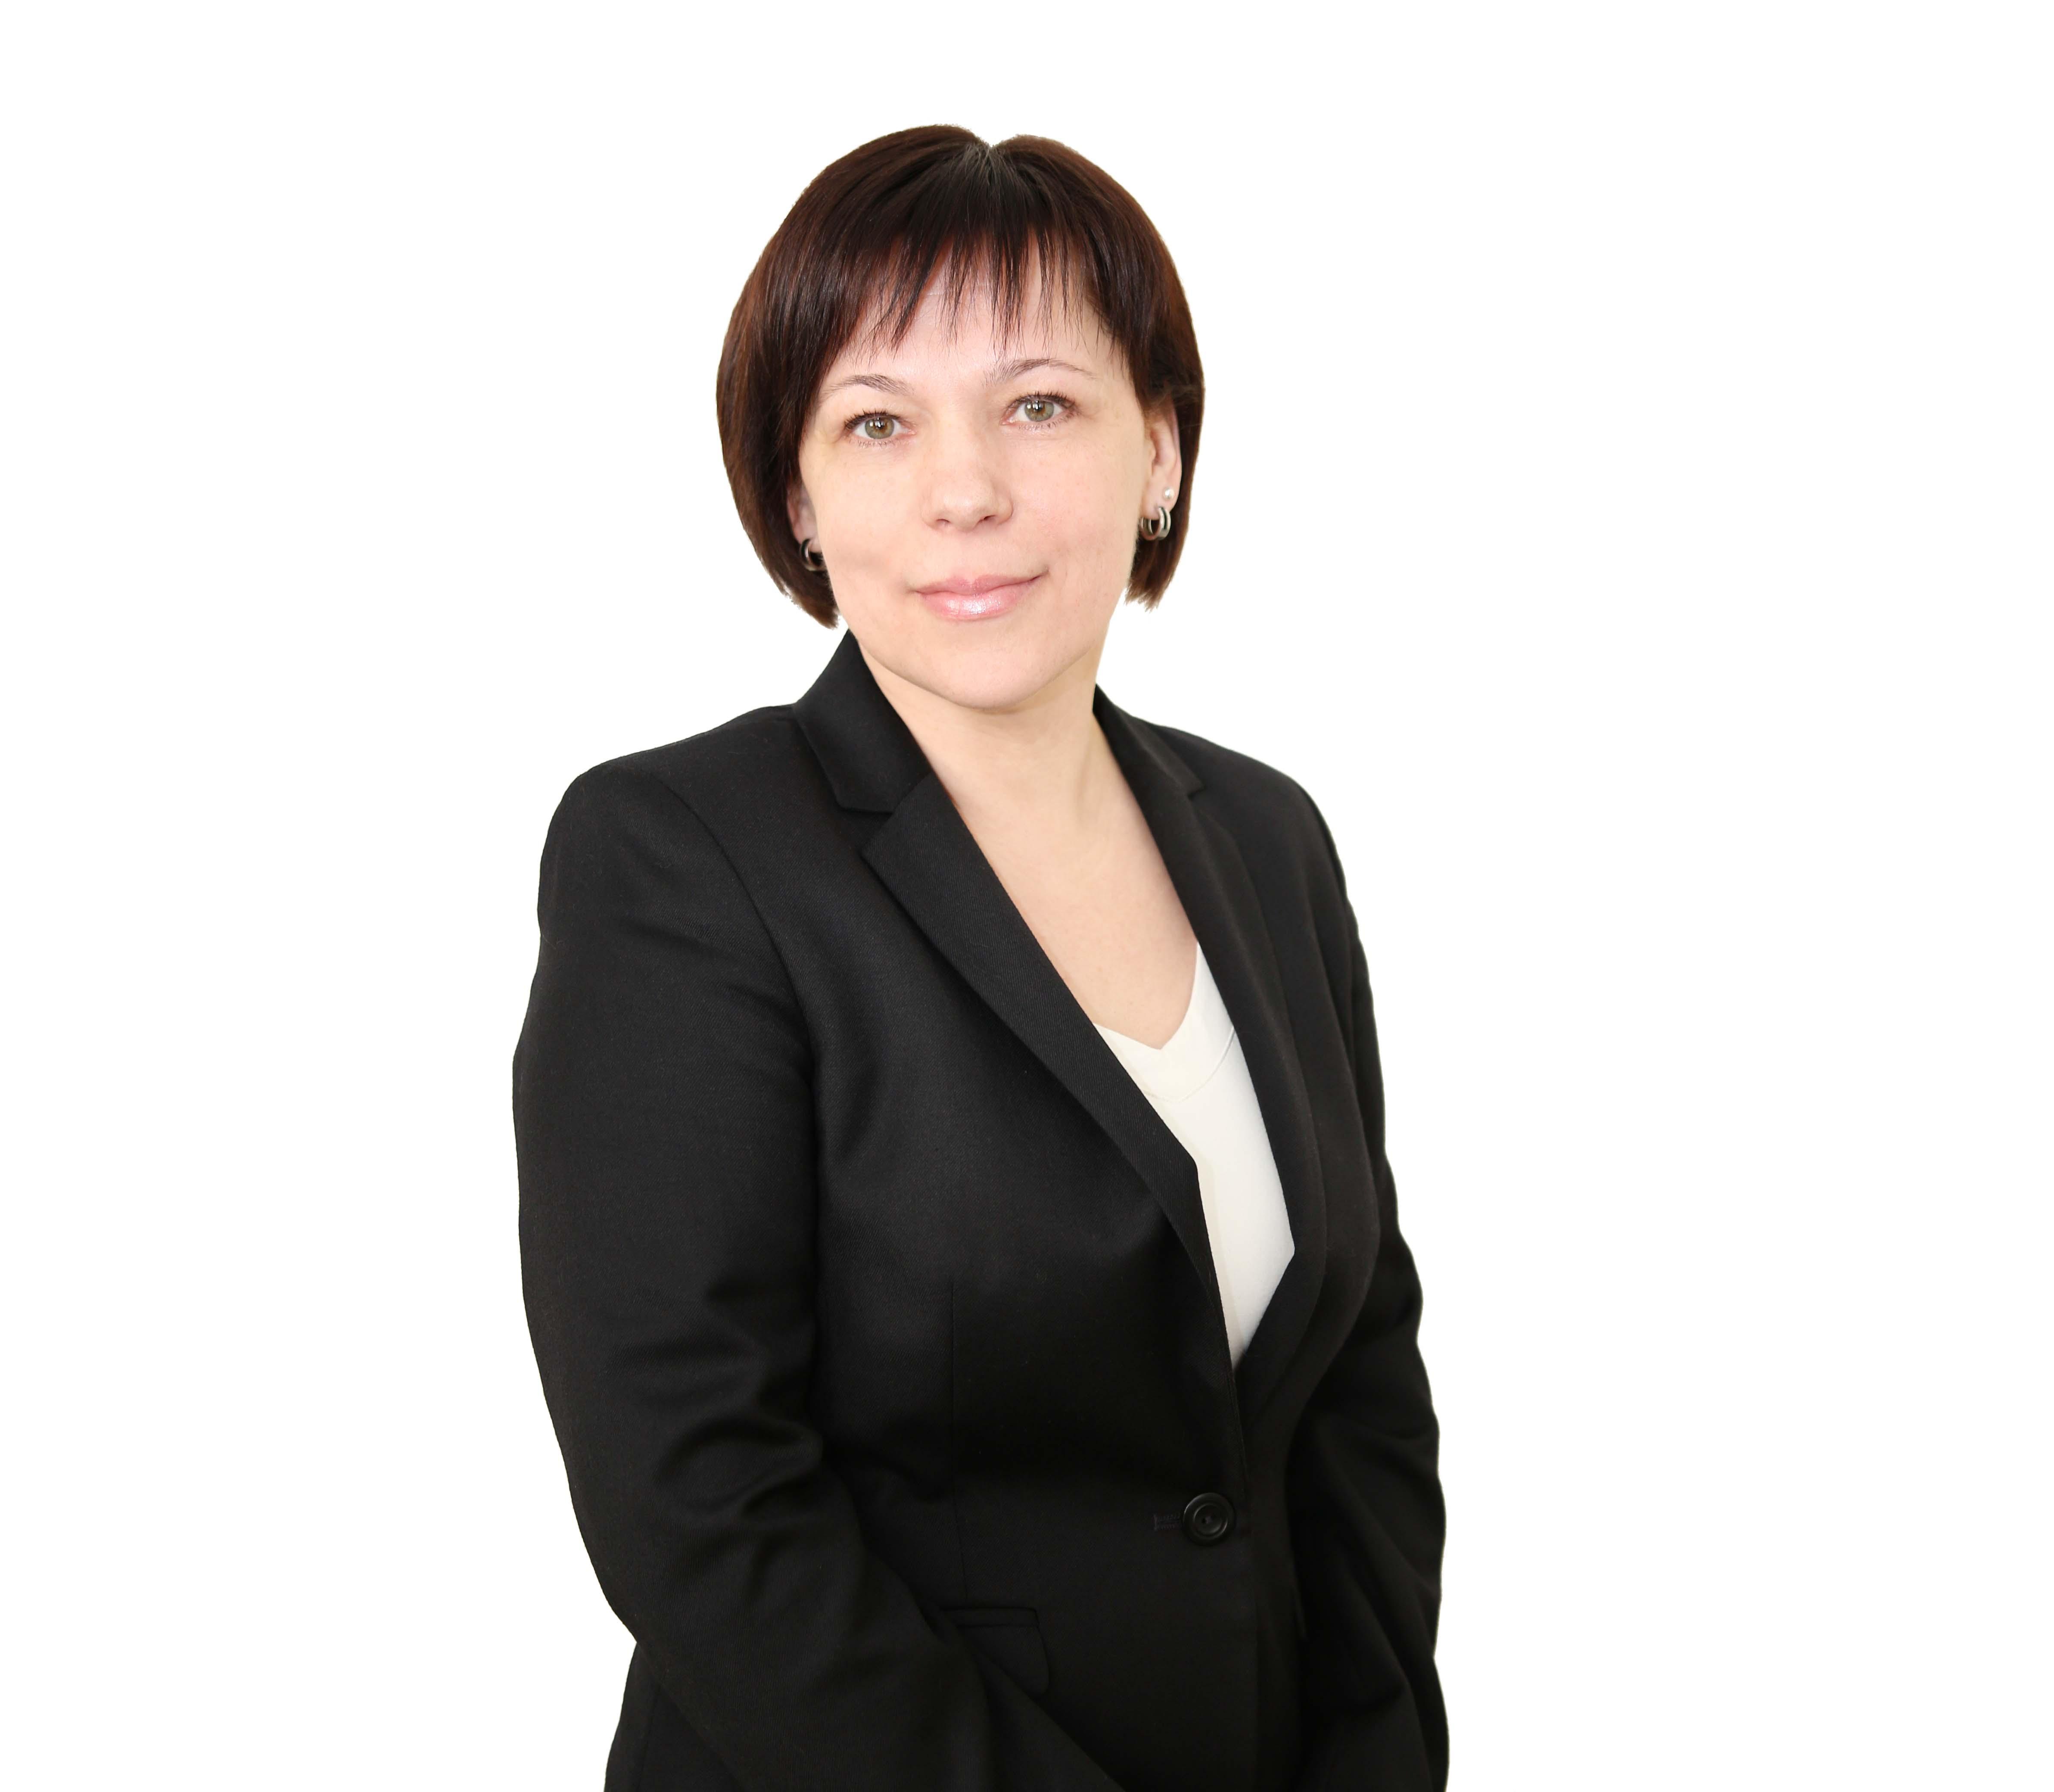 Renata Vaičiukynaitė